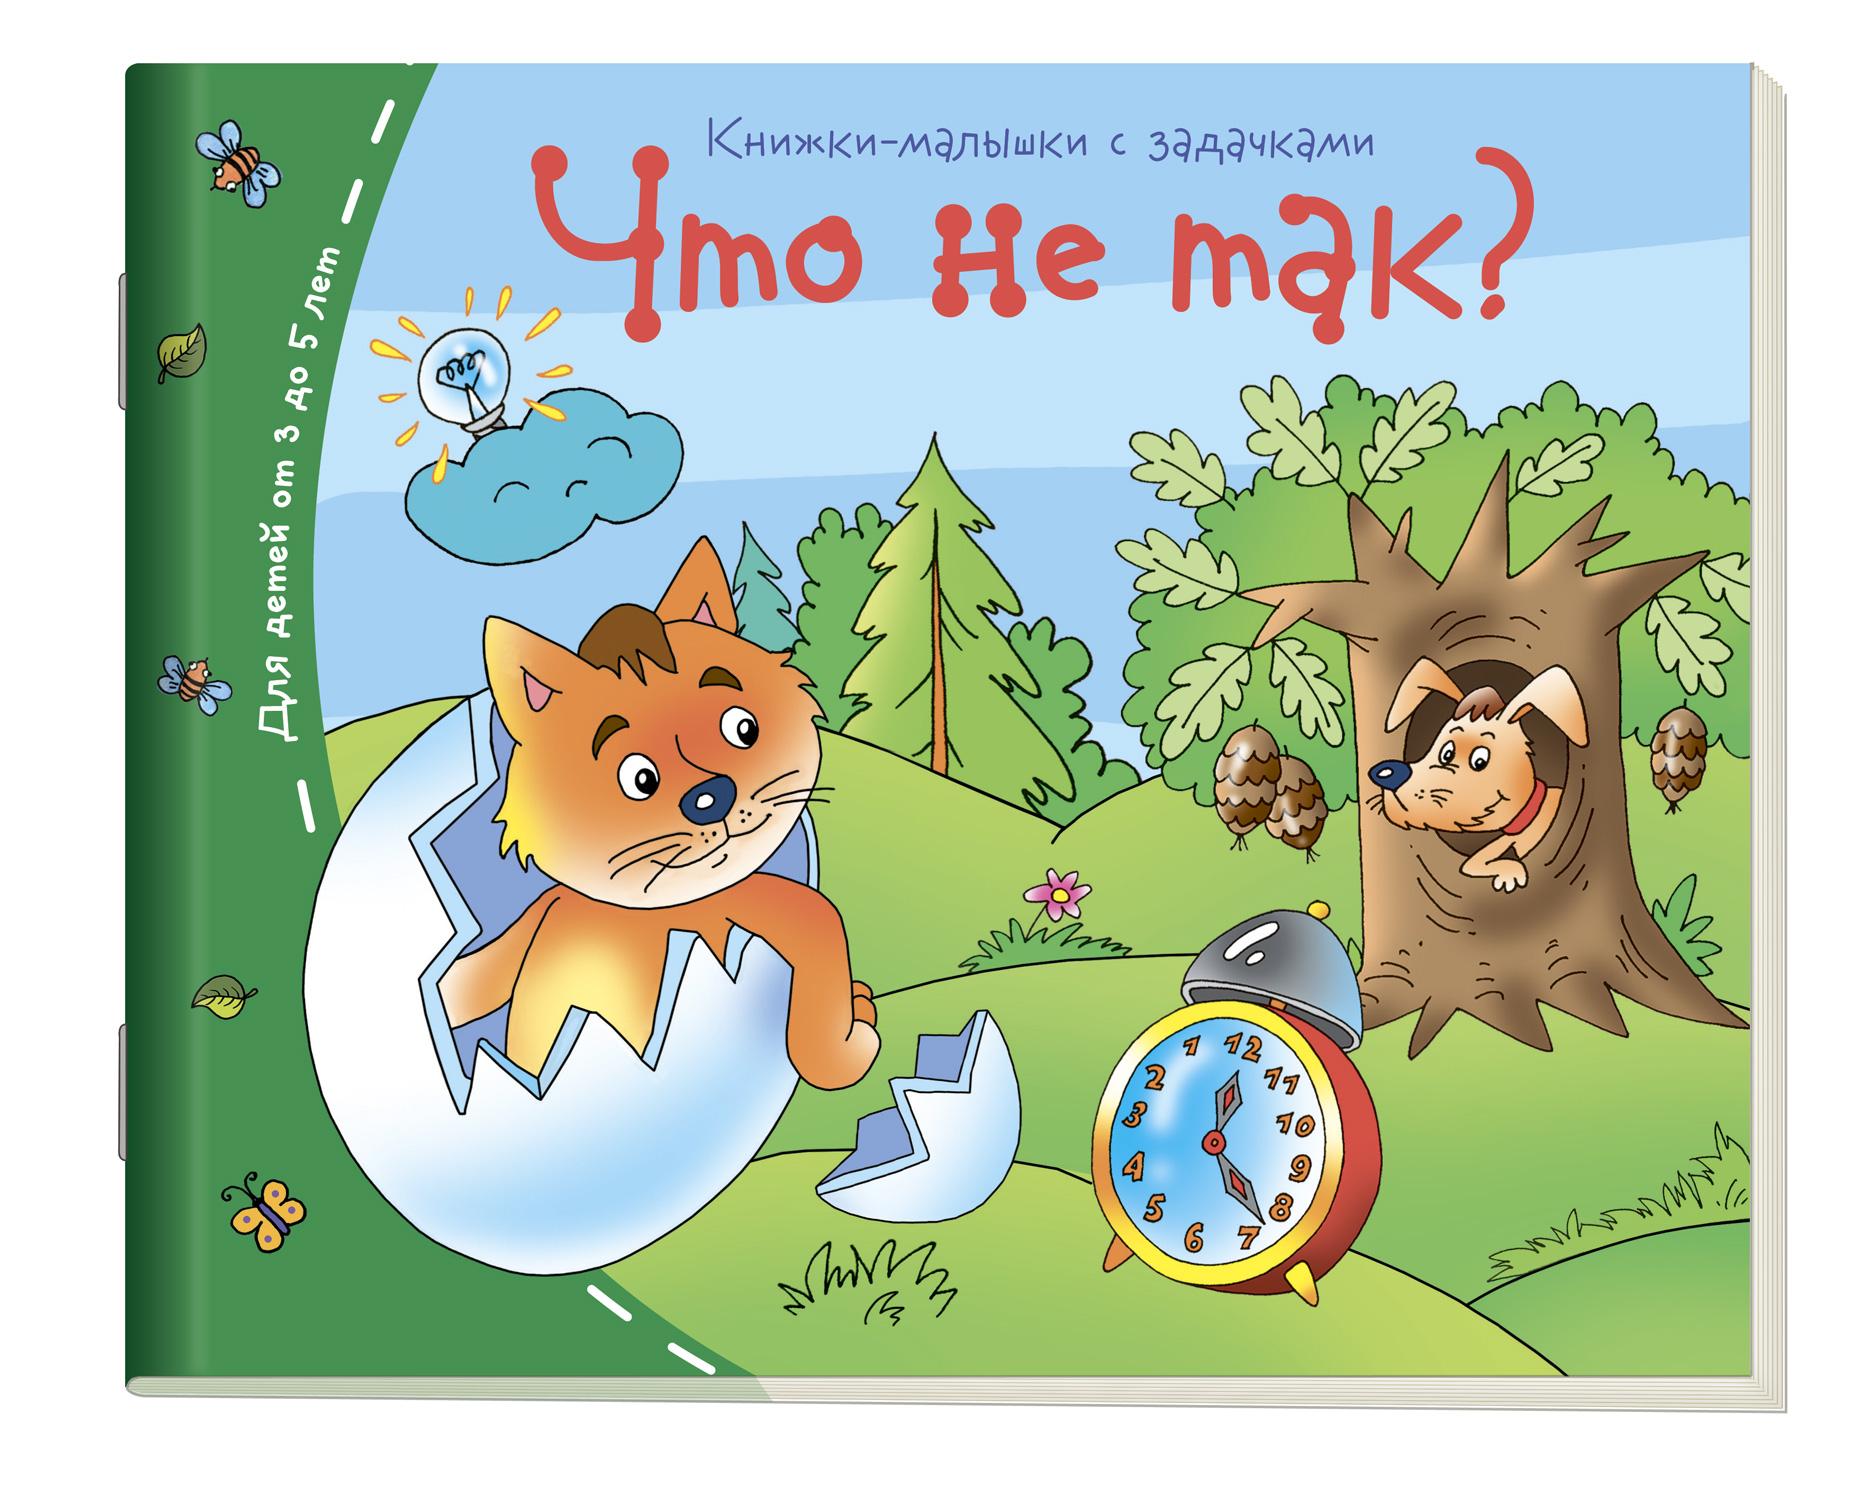 Что не так?: Книжки-малышки с задачками: Для детей от 3 до 5 лет